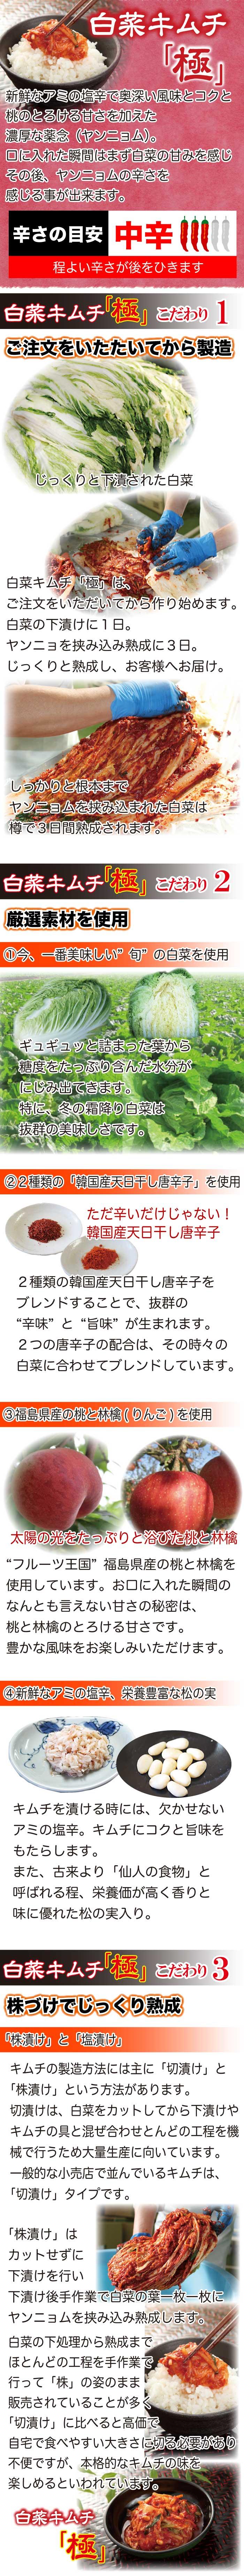 福島県産桃使用。西野屋の白菜キムチ極み